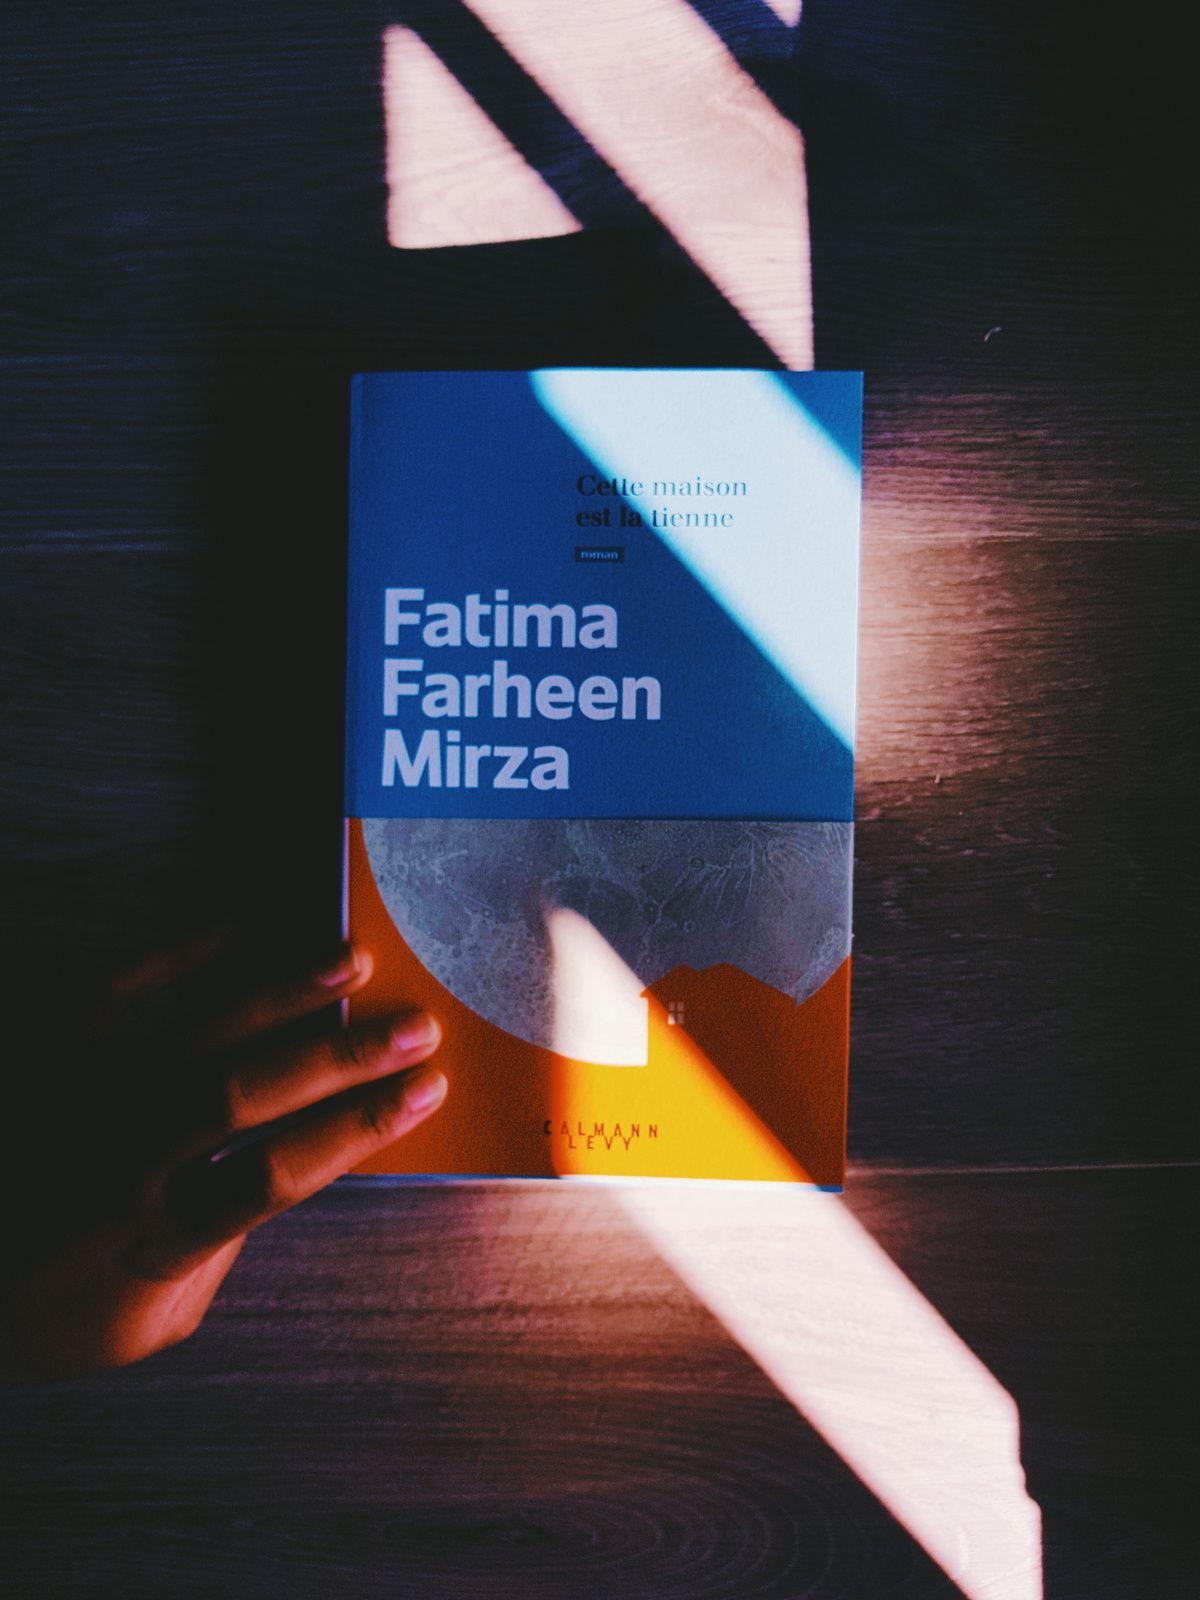 Cette maison est la tienne de Fatima Farheen Mirza